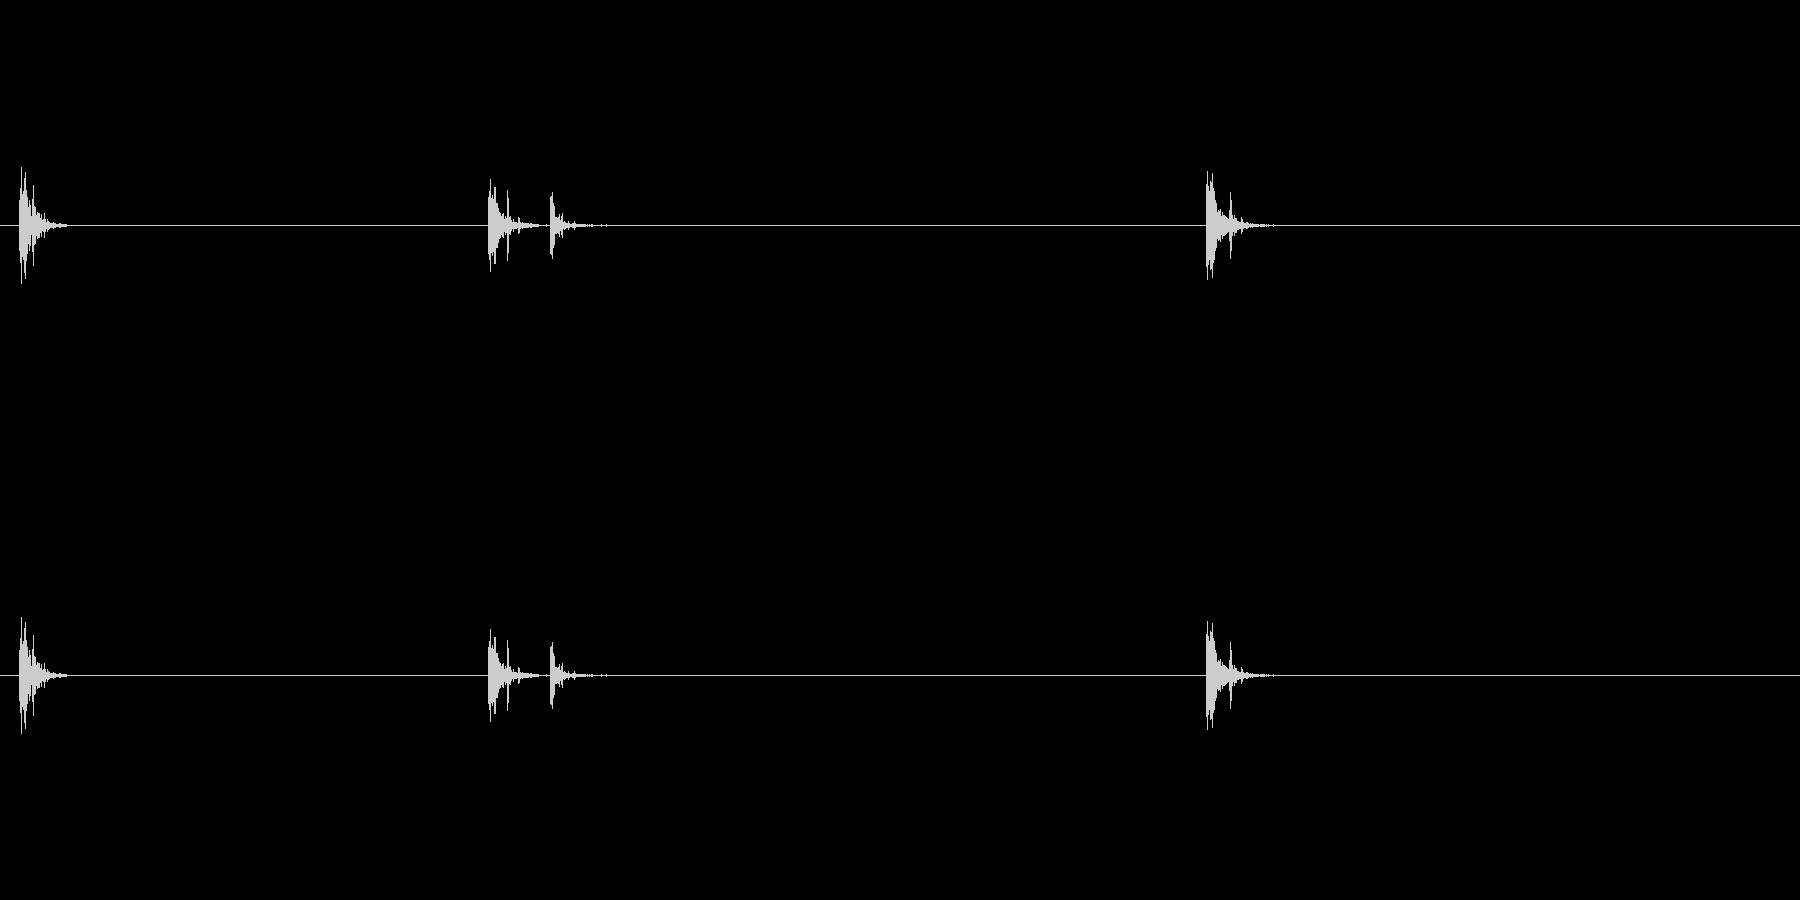 爆発17の未再生の波形